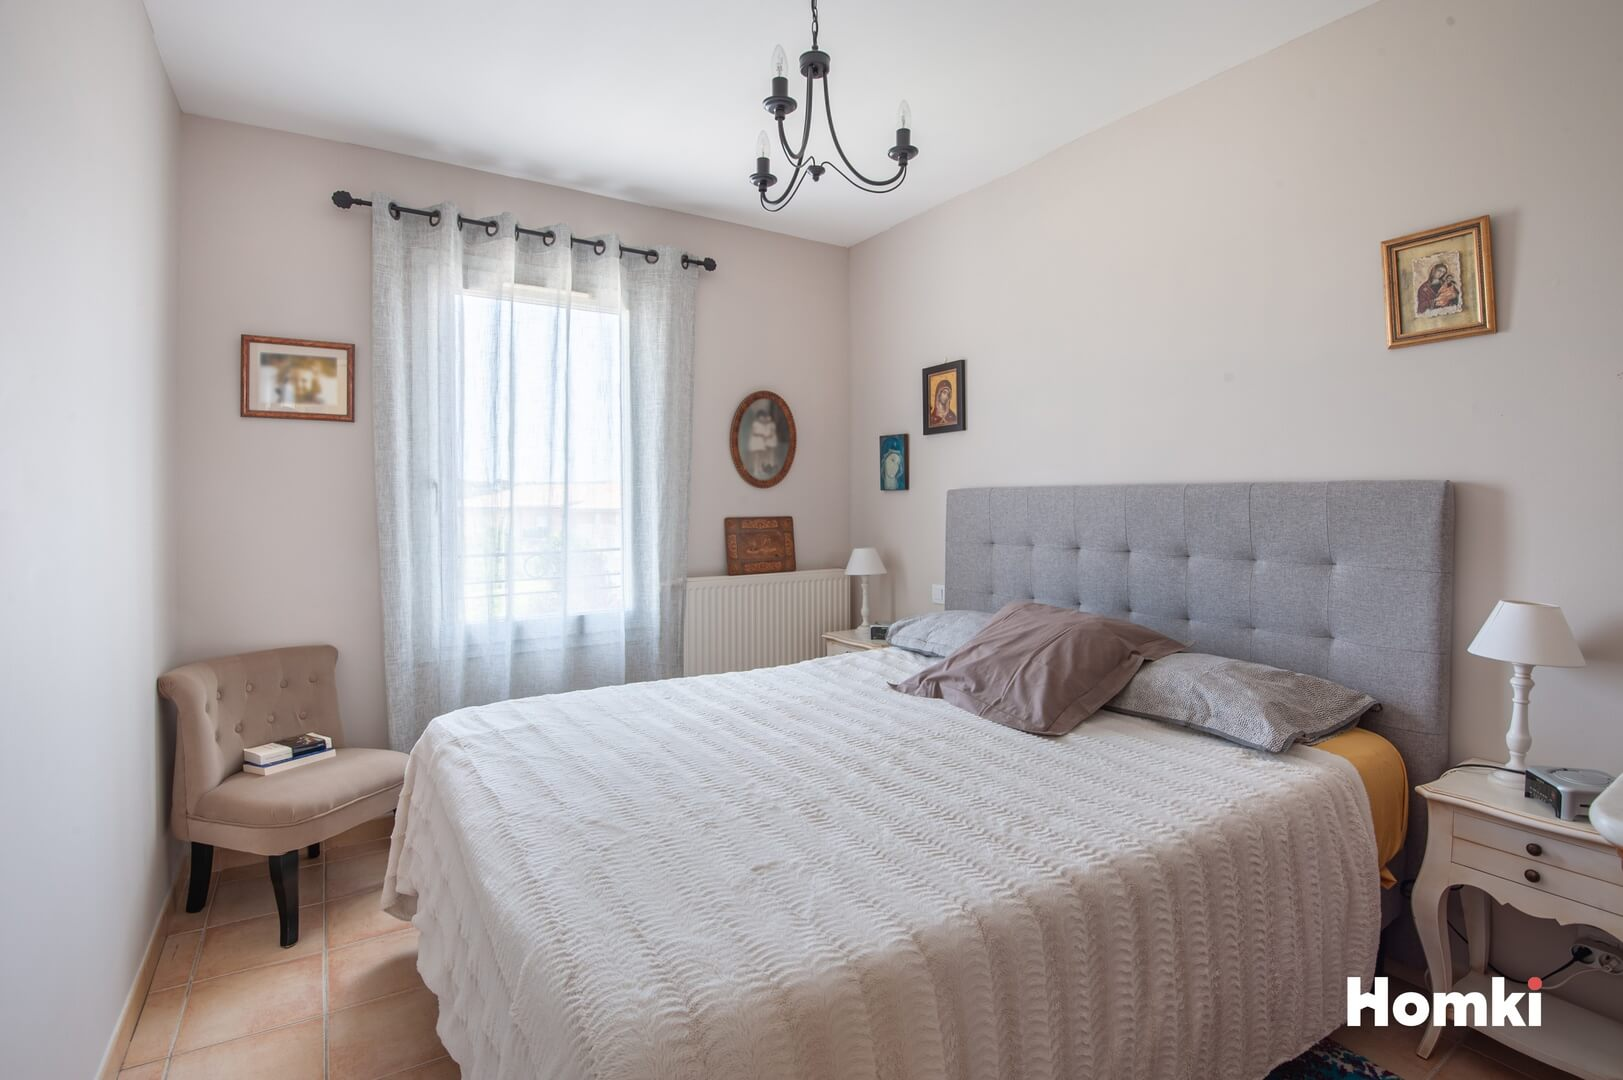 Homki - Vente Appartement  de 88.0 m² à Venelles 13770